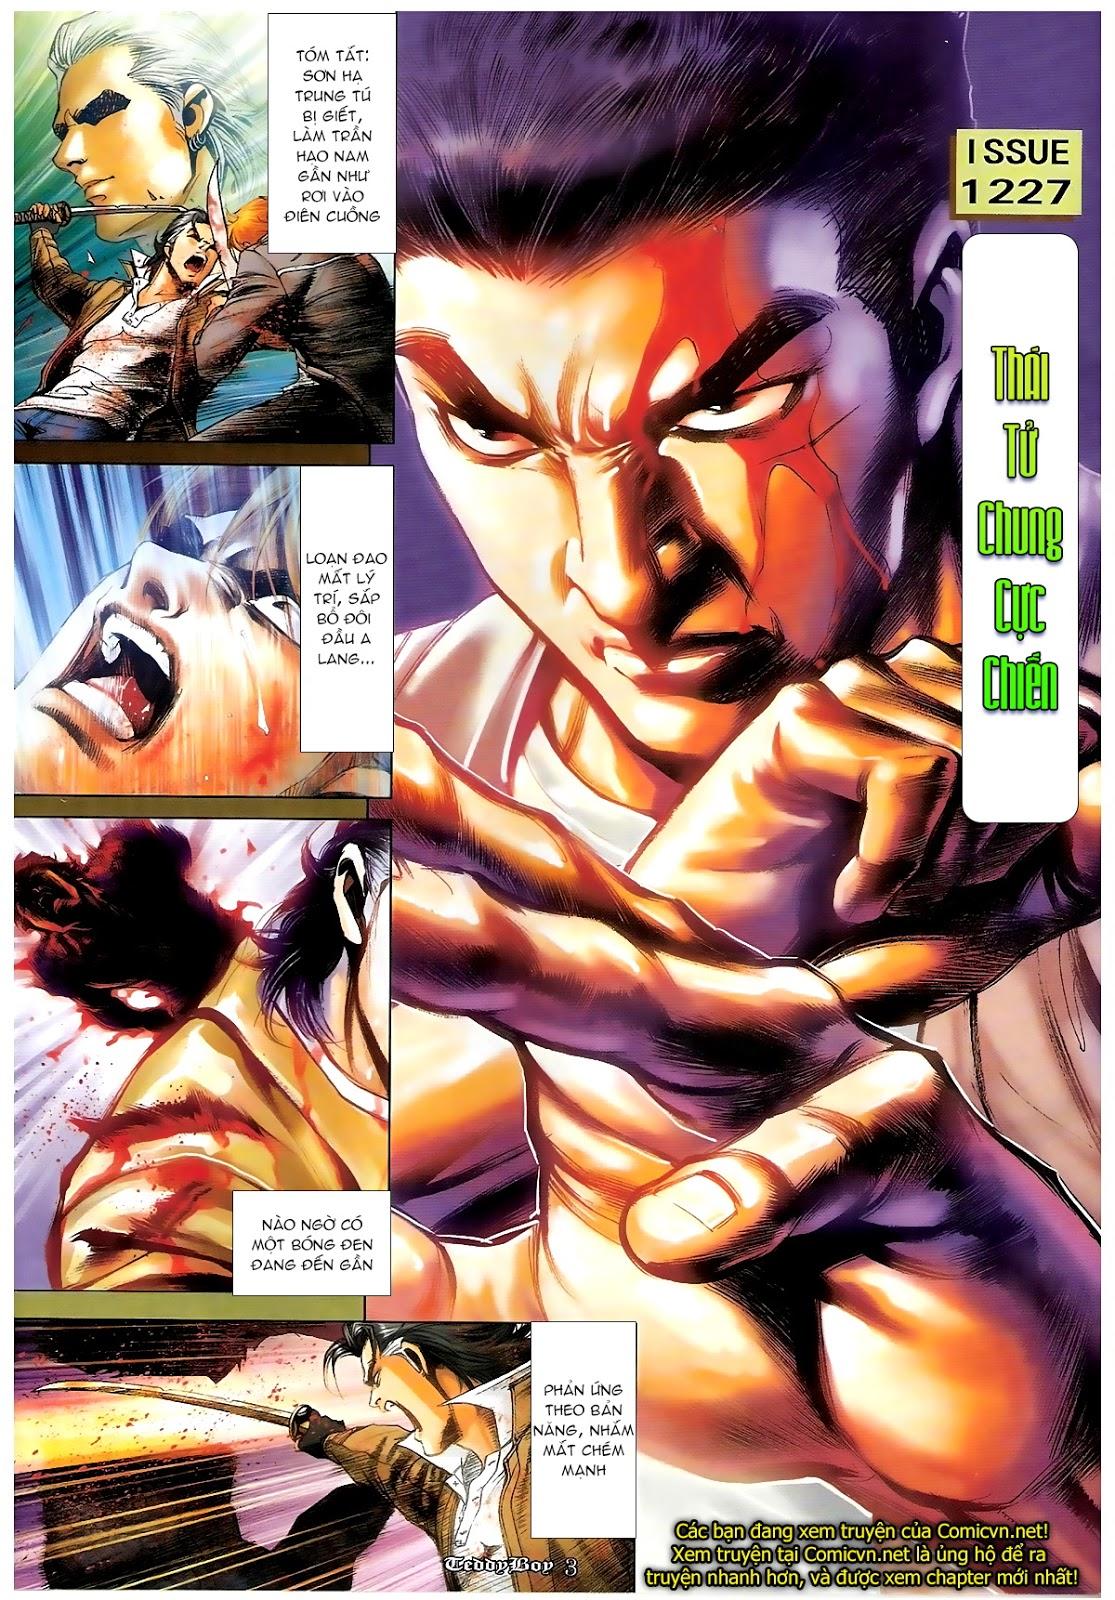 Người Trong Giang Hồ - Chapter 1227: Thái Tử Chung Cực Chiến - Pic 2